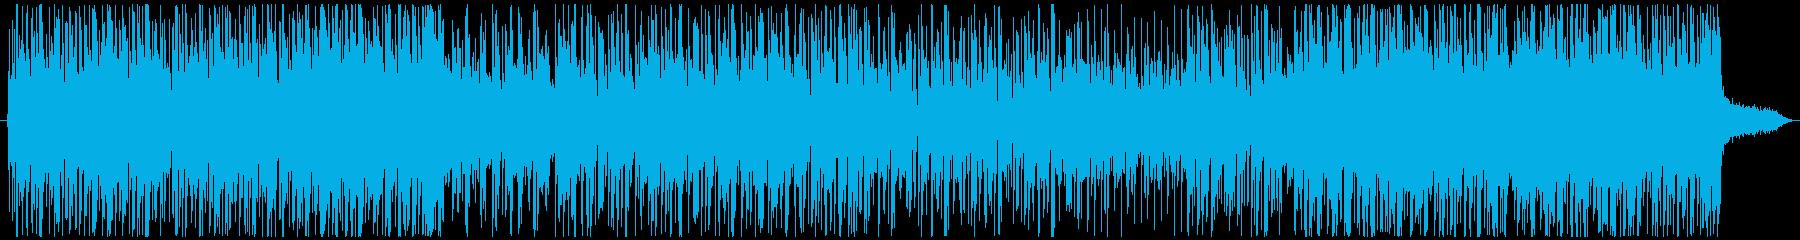 疾走感のあるエモーショナルなEDMの再生済みの波形